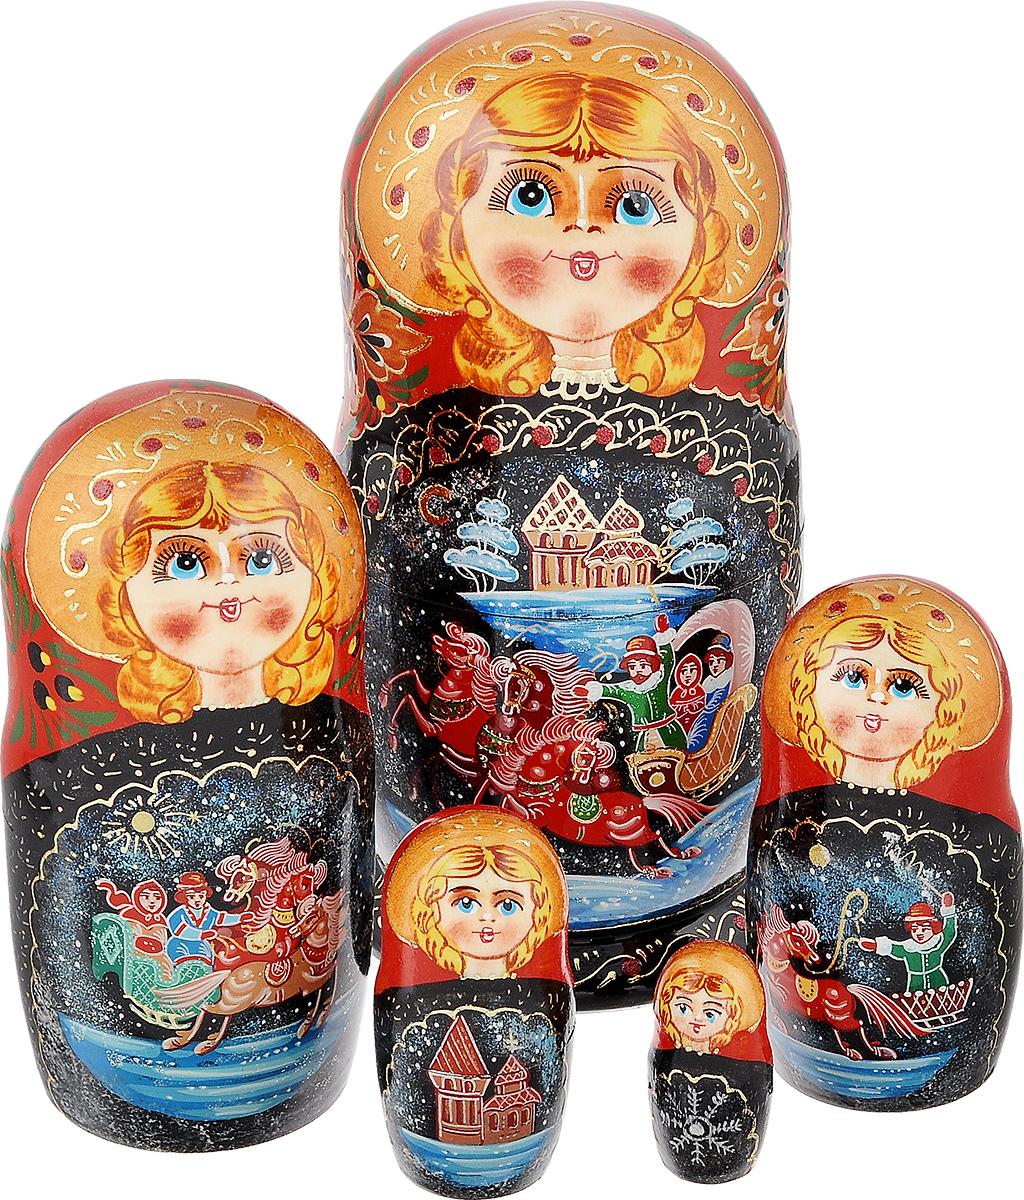 Набор матрешек Василиса Тройка-красно-черная, 5 мест, 18 см. Ручная работам5с.ве.тройкчМатрешки - один из самых популярных русских сувениров для подарка на любой случай и вкус. Эта игрушка по-прежнему вызывает восторг у наших соотечественников и иностранцев. Ведь открывать таких кукол с сюрпризом очень нравится и детям, и не менее любопытным взрослым. Малыши с помощью чудесной игрушки получают свои первые представления о форме, цвете и величине предметов, о количестве и делении целого на части. Взрослым расписную матрешку принято дарить на счастье, удачу и финансовое благополучие. Набор Василиса Тройка-красно-черная состоит из 5 деревянных сюжетных матрешек с высококачественной росписью в стиле Палех. Сюжет - зимняя русская тройка, символизирующая веру, надежду и любовь. На каждой матрешке разные сцены русской зимы. Богатое оформление с использованием золотой потали, выполнена тонким орнаментом. Каждая куколка расписана вручную, неповторима и оригинальна. Работа покрыта лаком. Имеется подпись автора. Порадуйте своих друзей и близких этим...